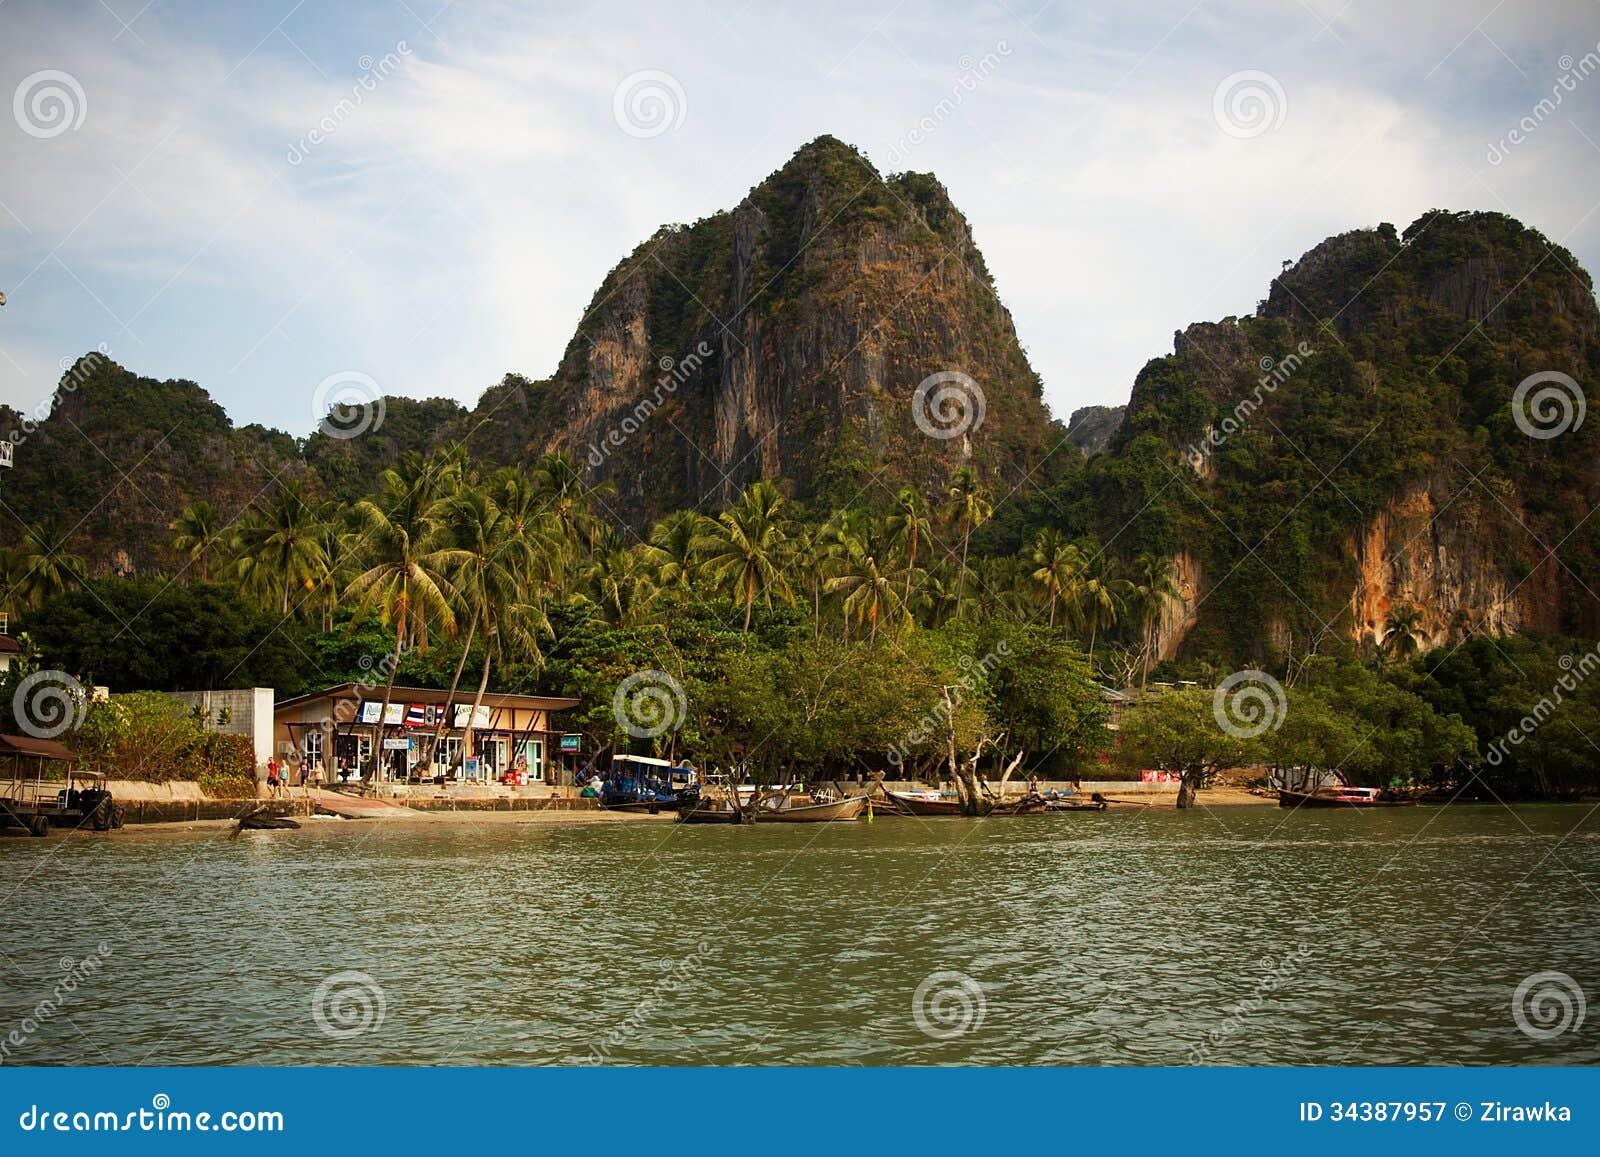 East railay beach on thai coast stock image image 34387957 for Small east coast beach towns